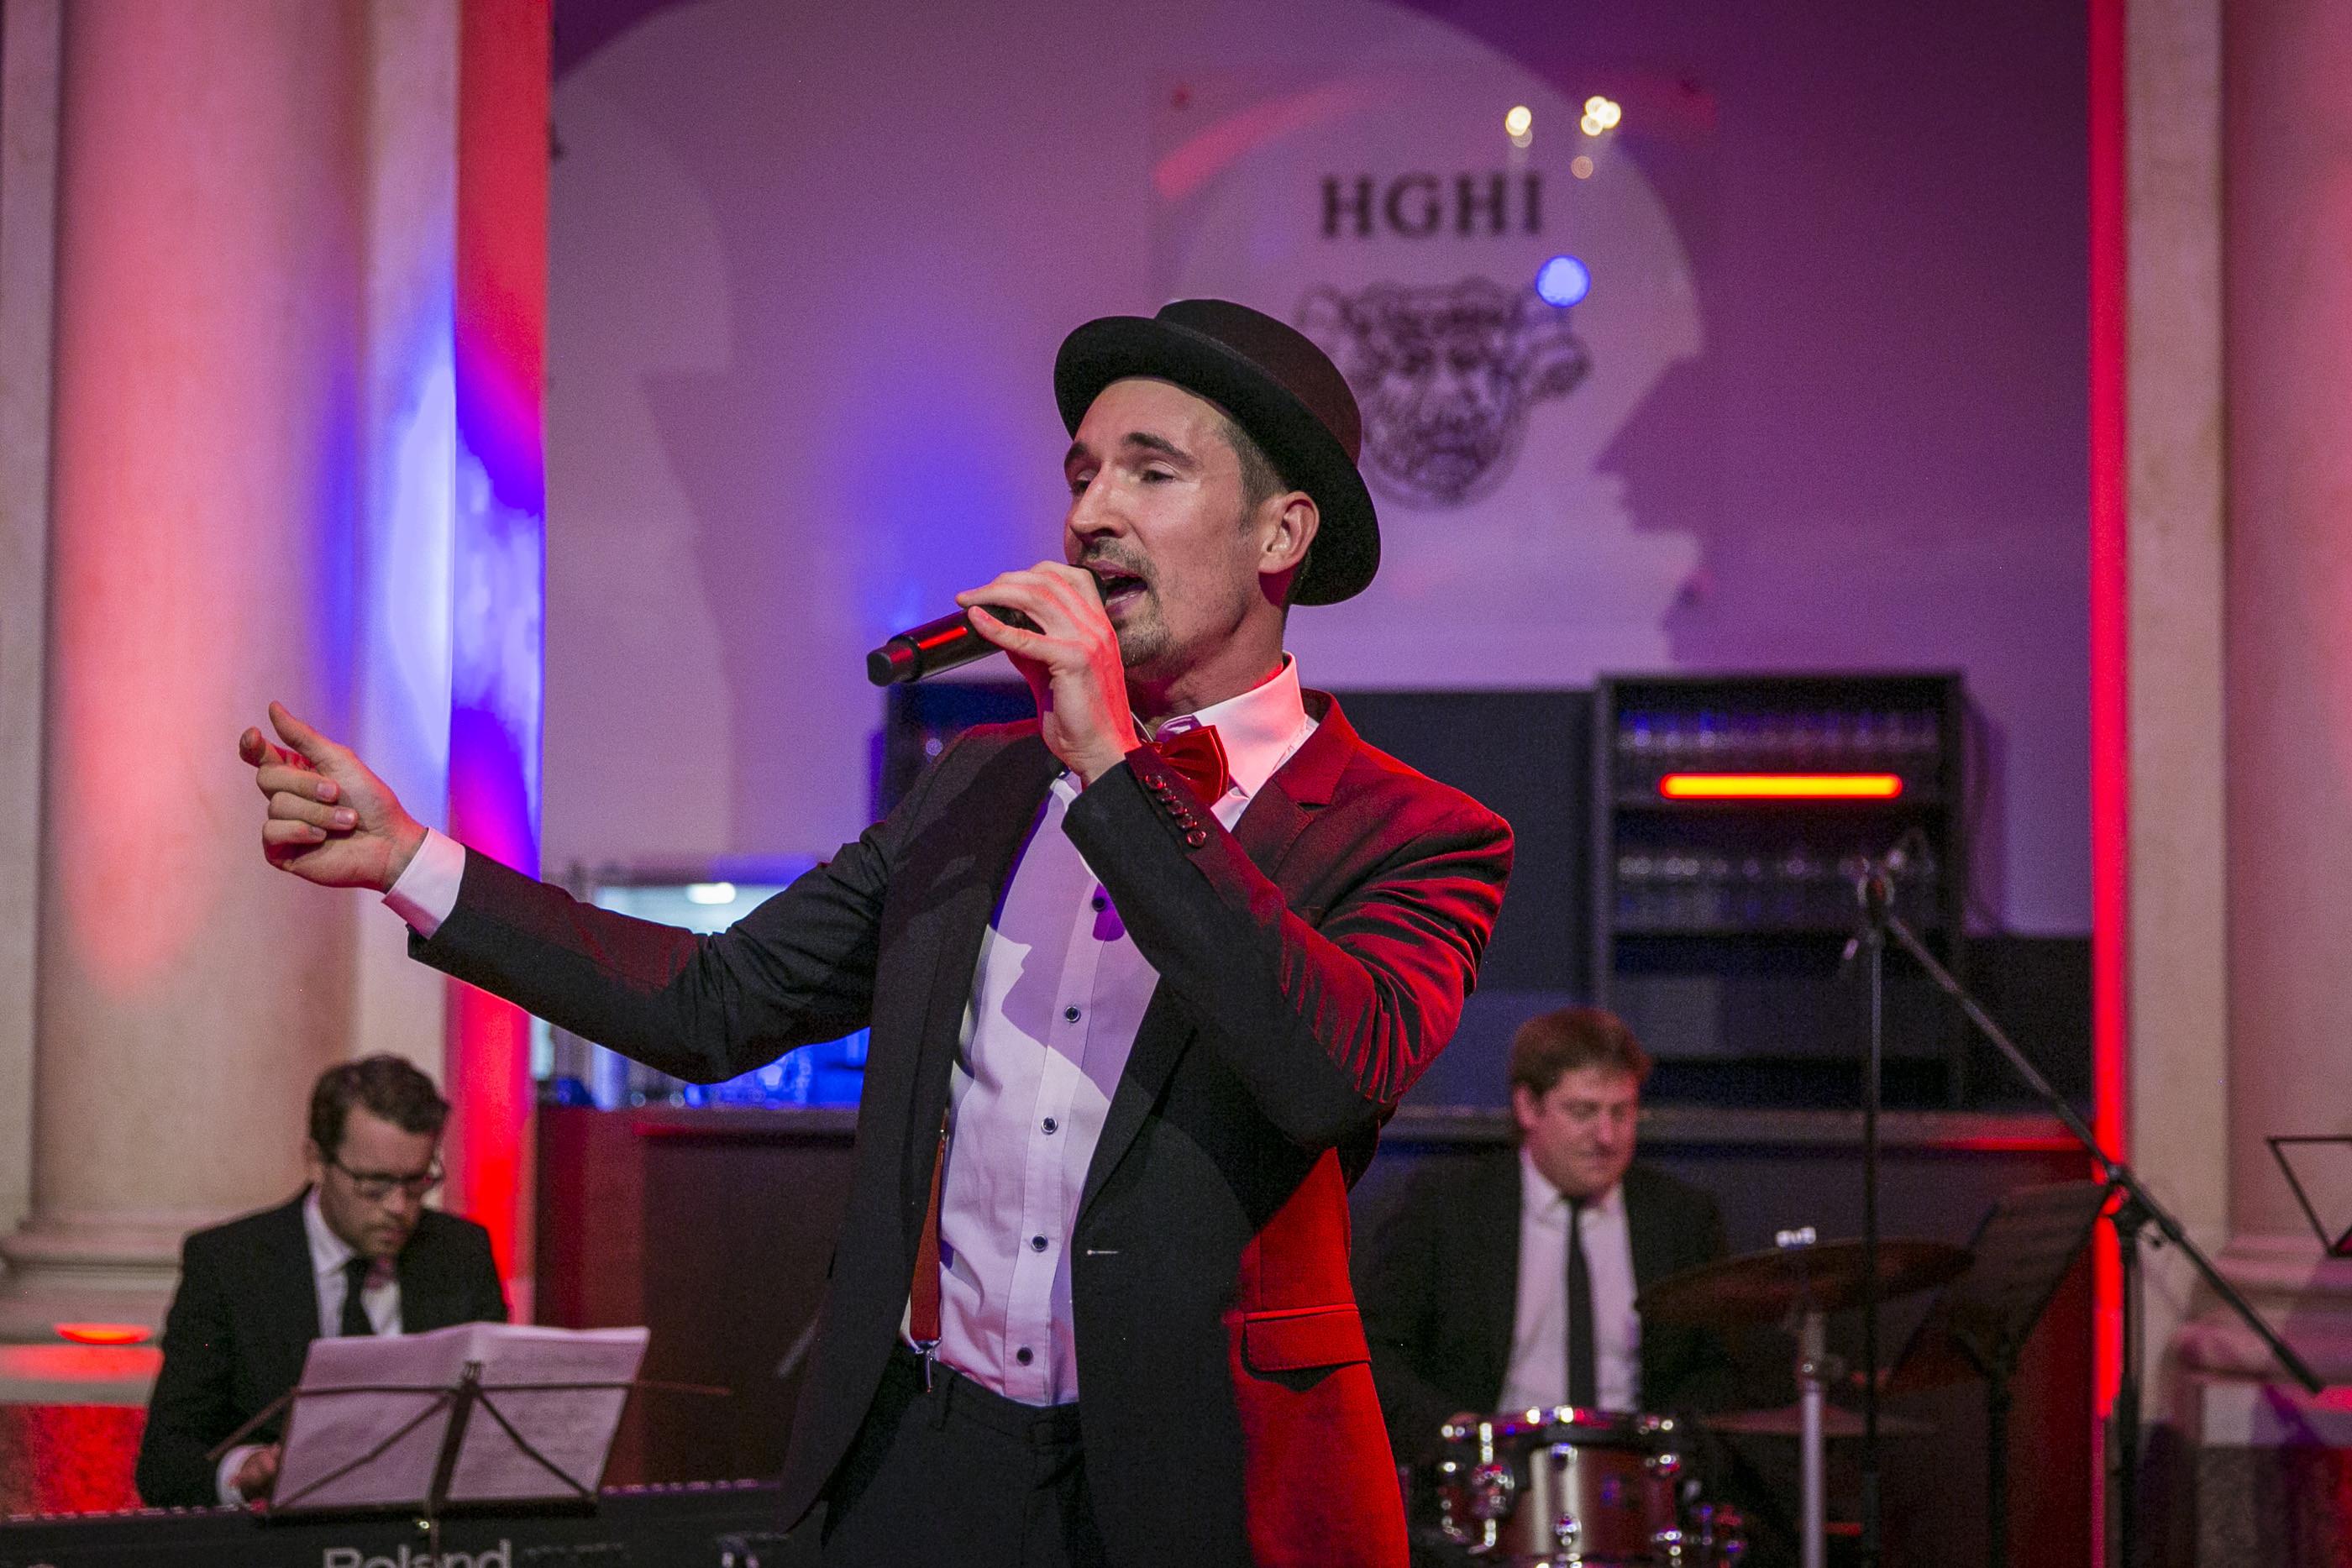 Musiker Für Geburtstagsfeier Gesucht  Exklusive Musiker gesucht für Ihr Event